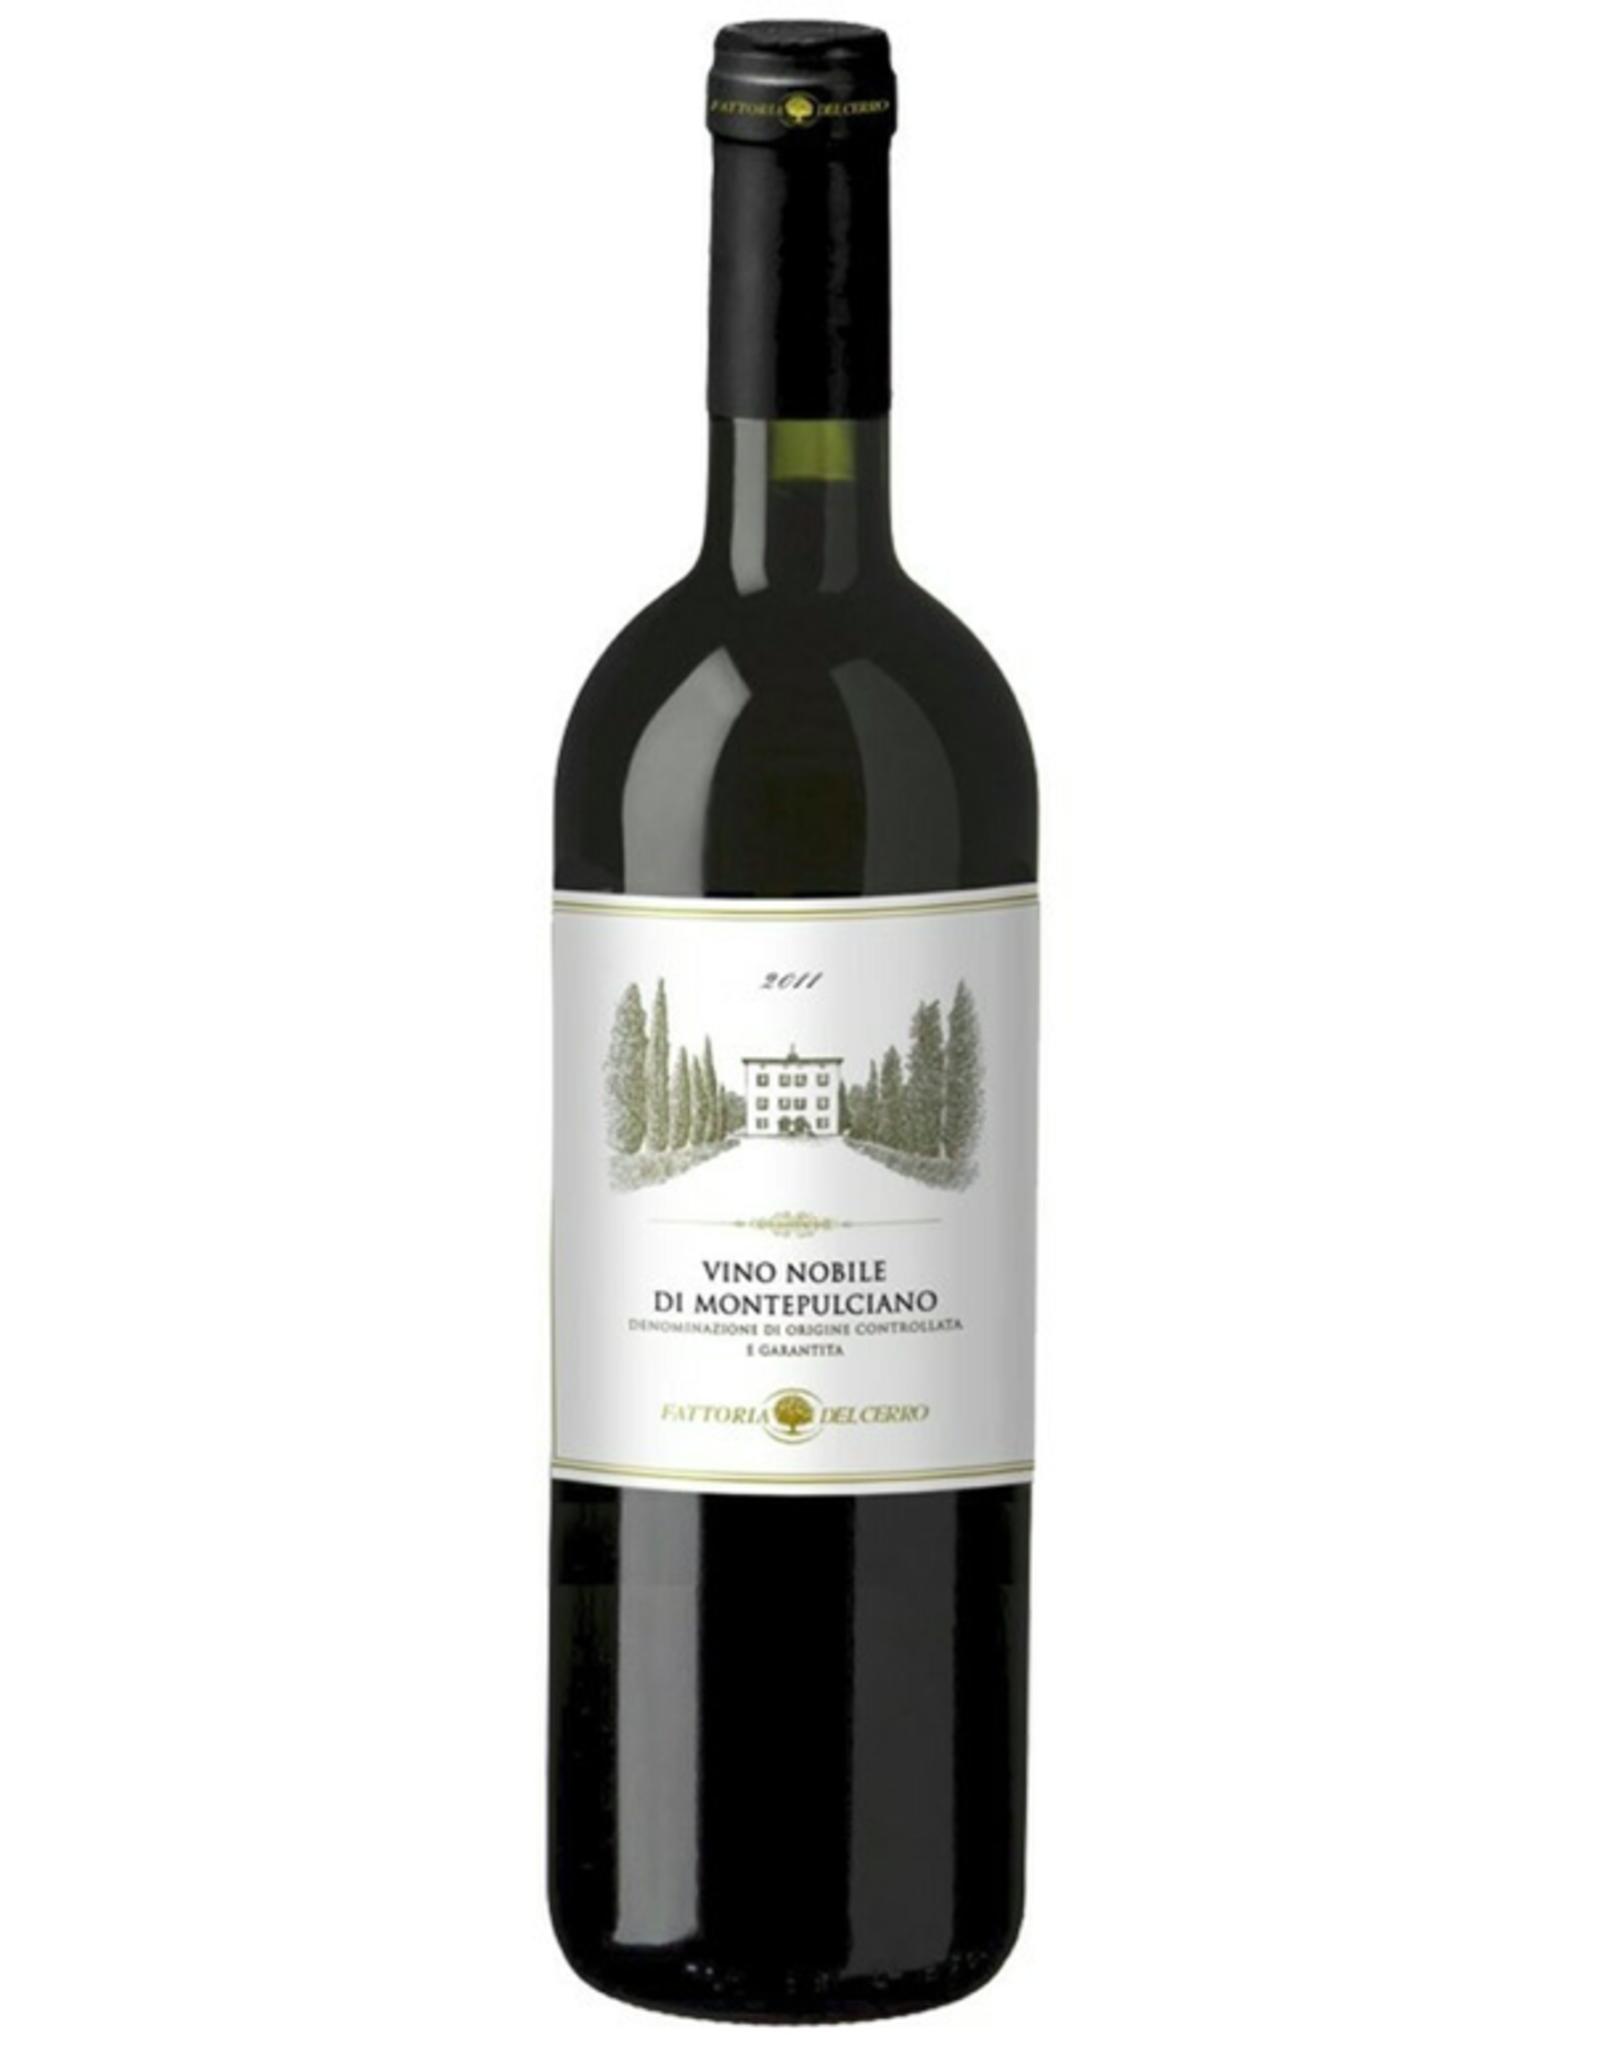 Fattoria Del Cerro Vino Nobile Di Montepulciano 2016